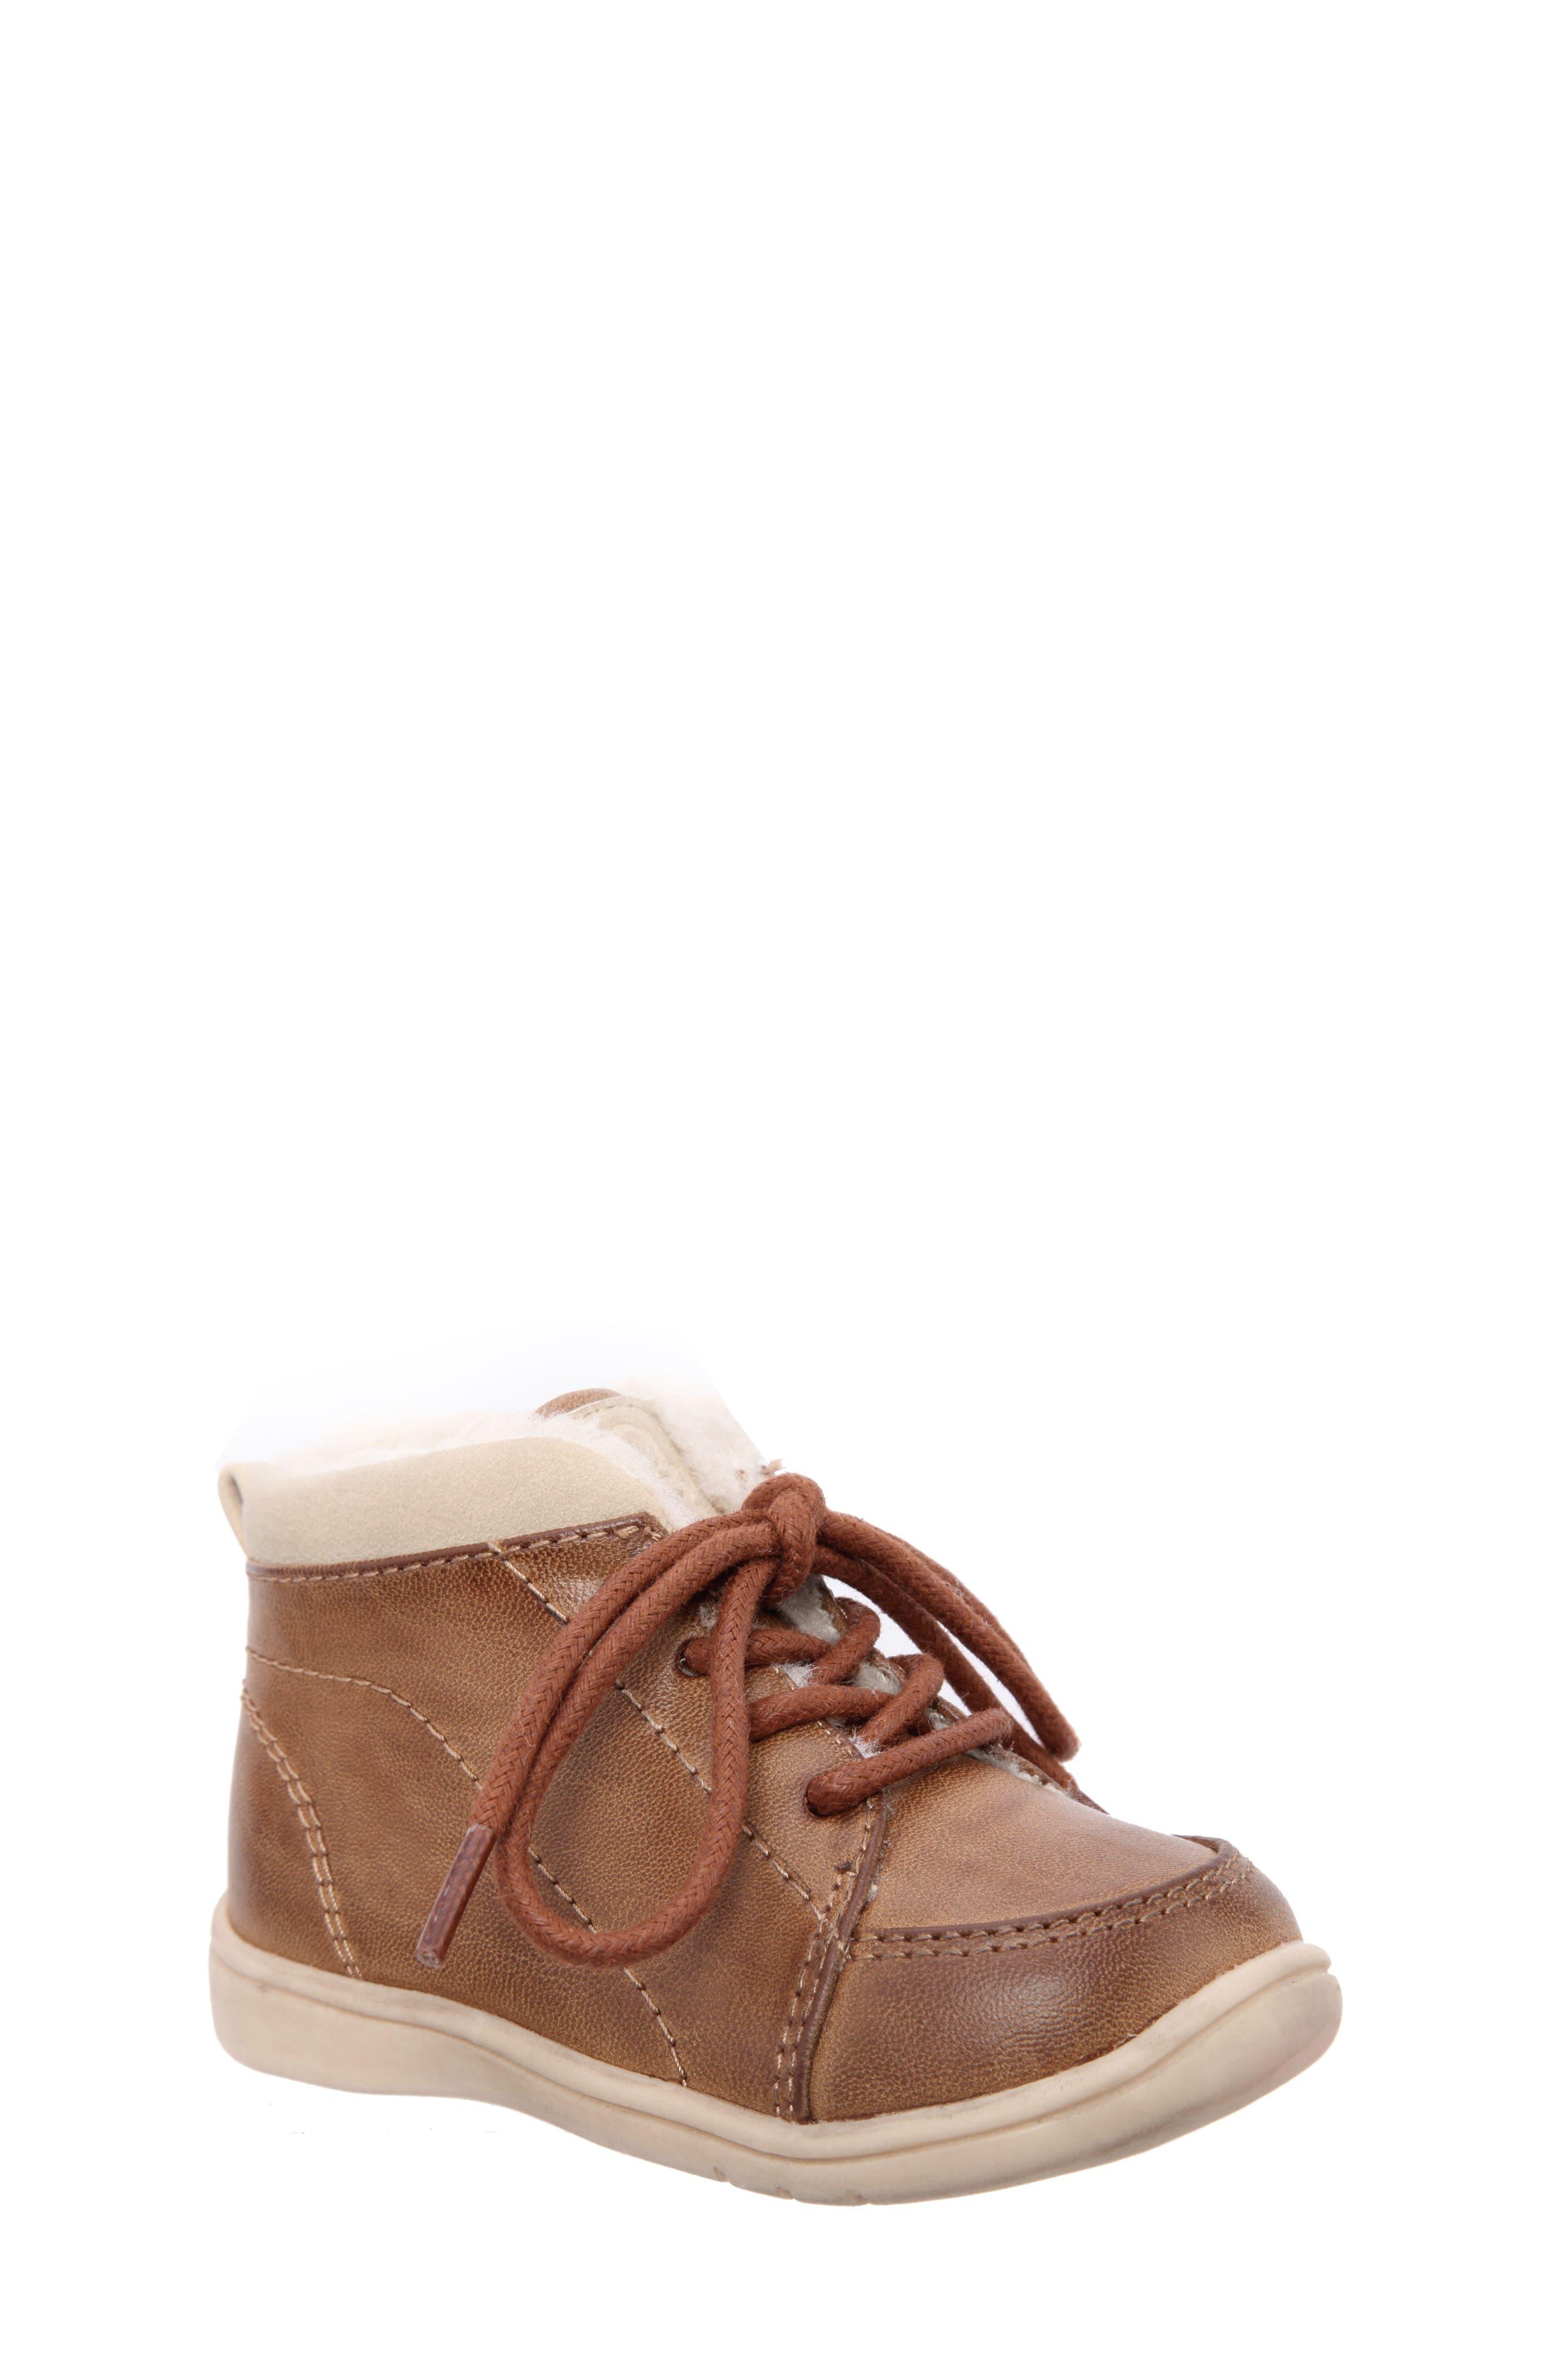 Nina Mobility Moe Sneaker,                             Main thumbnail 1, color,                             Brown Burnish